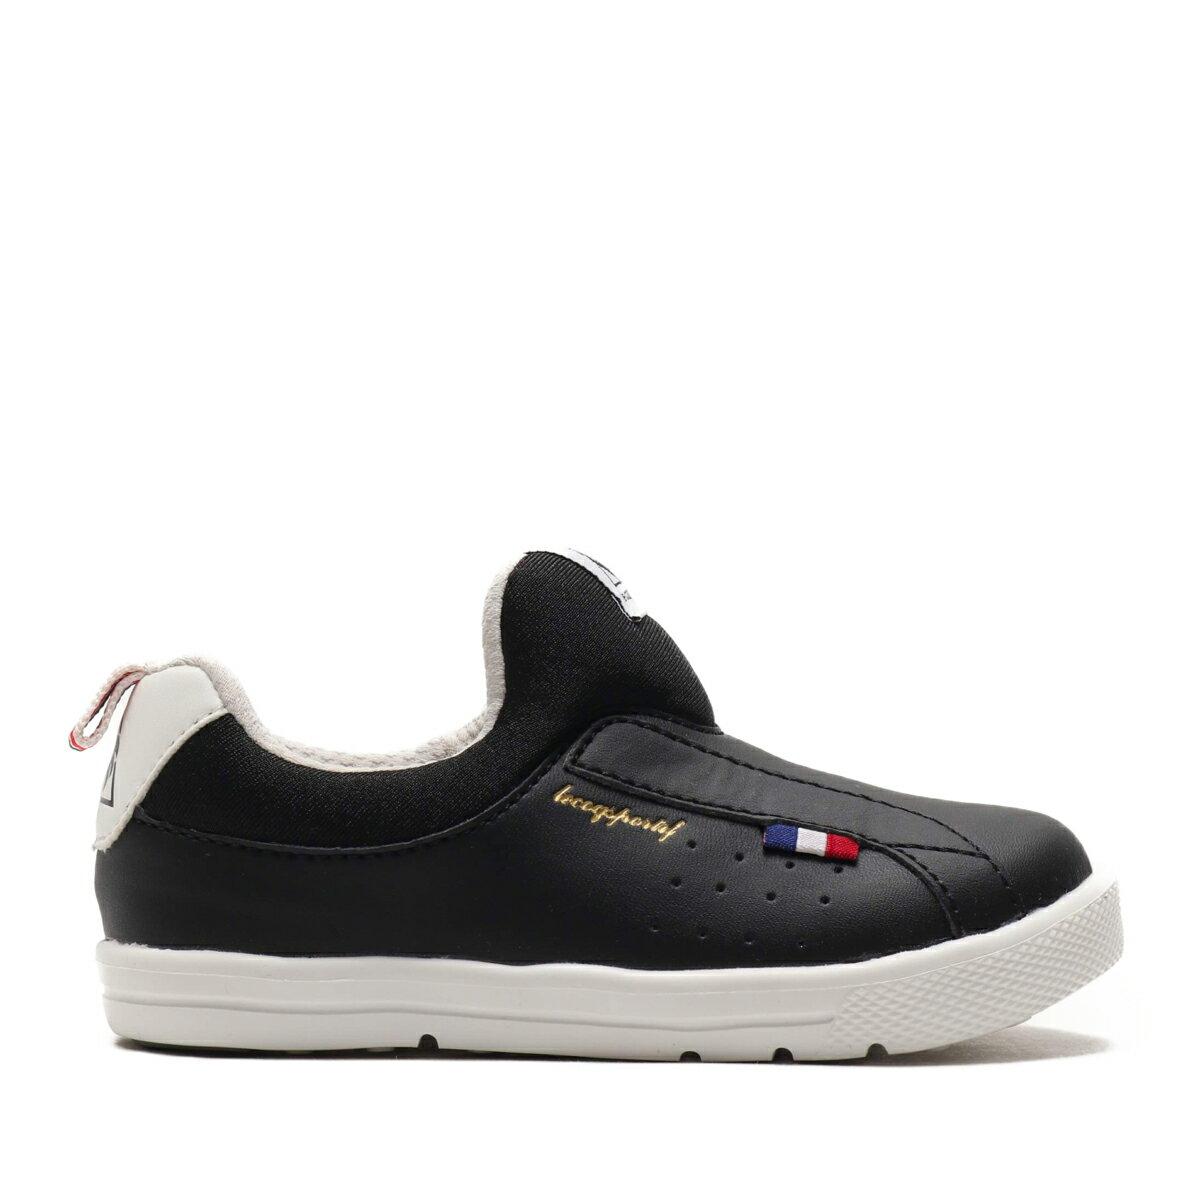 靴, スニーカー le coq sportif LA ROLAND F(BLACK)( F)20SS-I